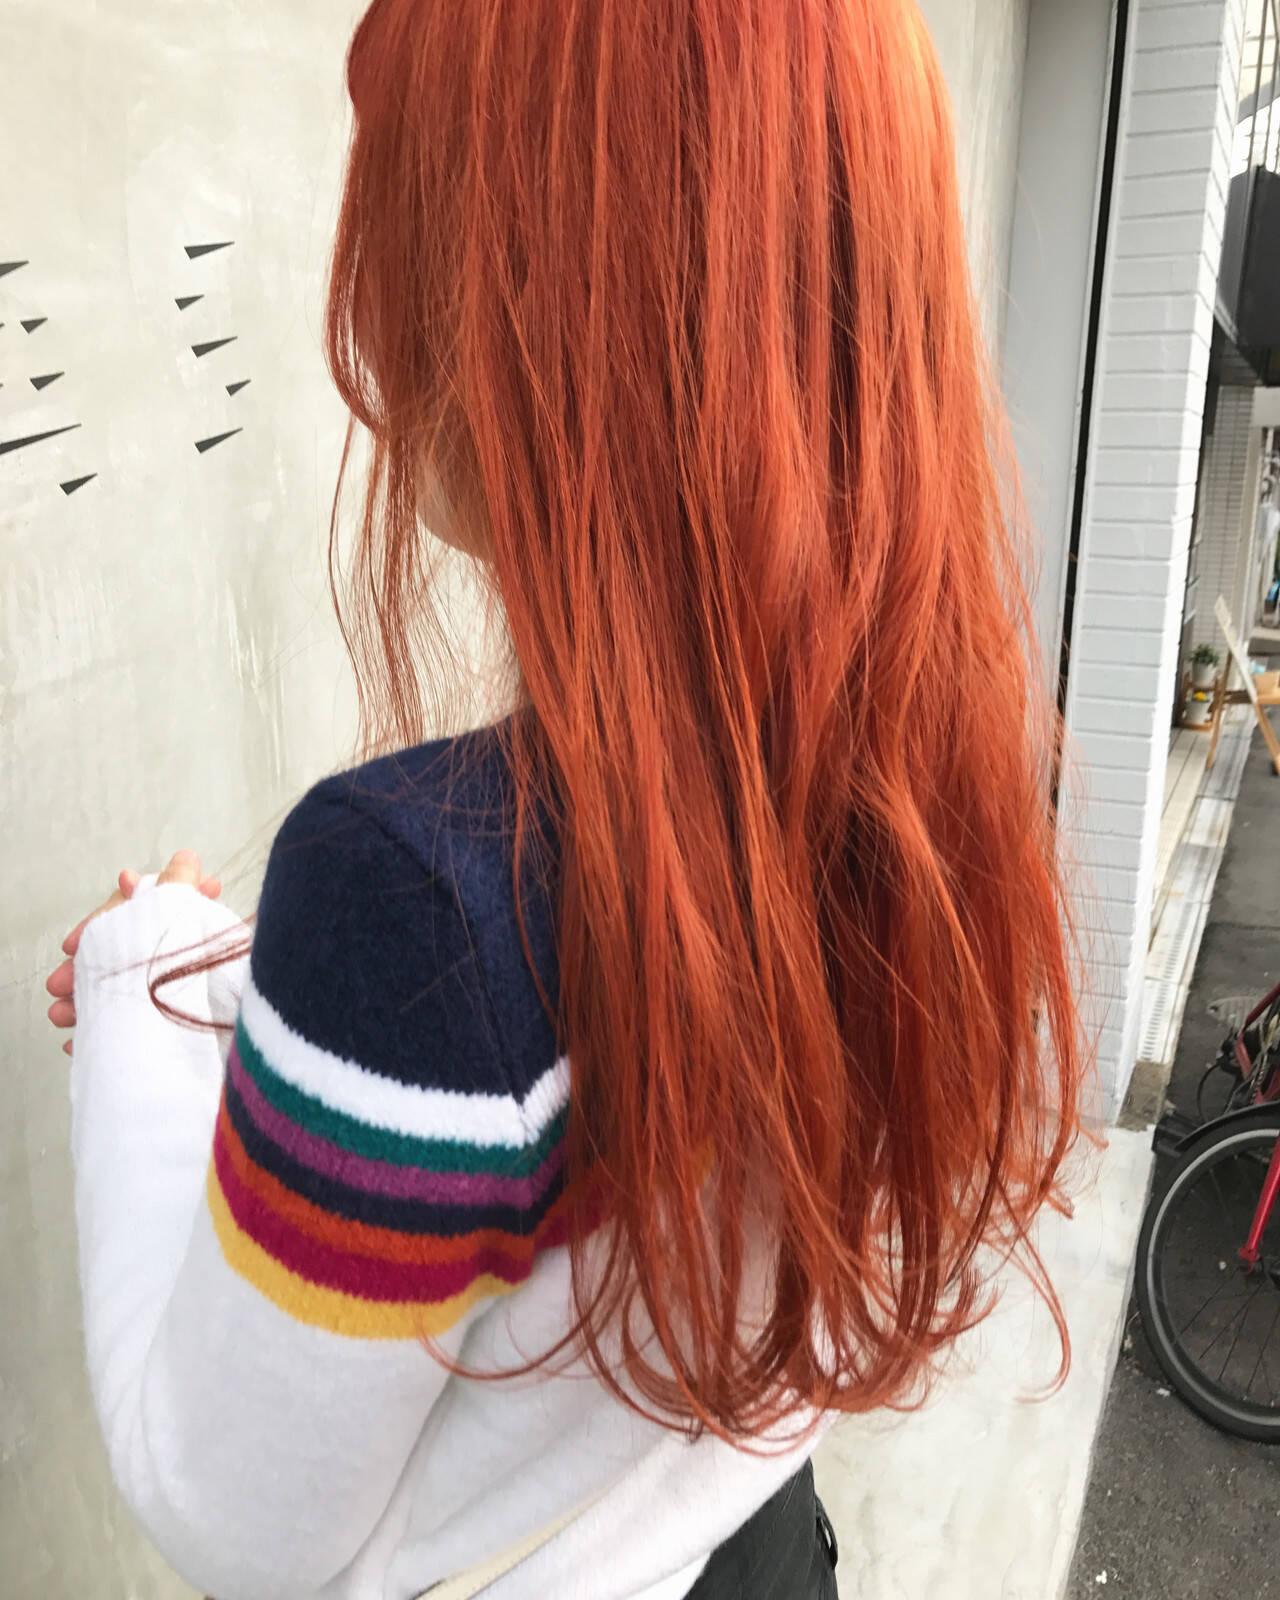 オレンジ アプリコットオレンジ オレンジカラー オレンジブラウンヘアスタイルや髪型の写真・画像